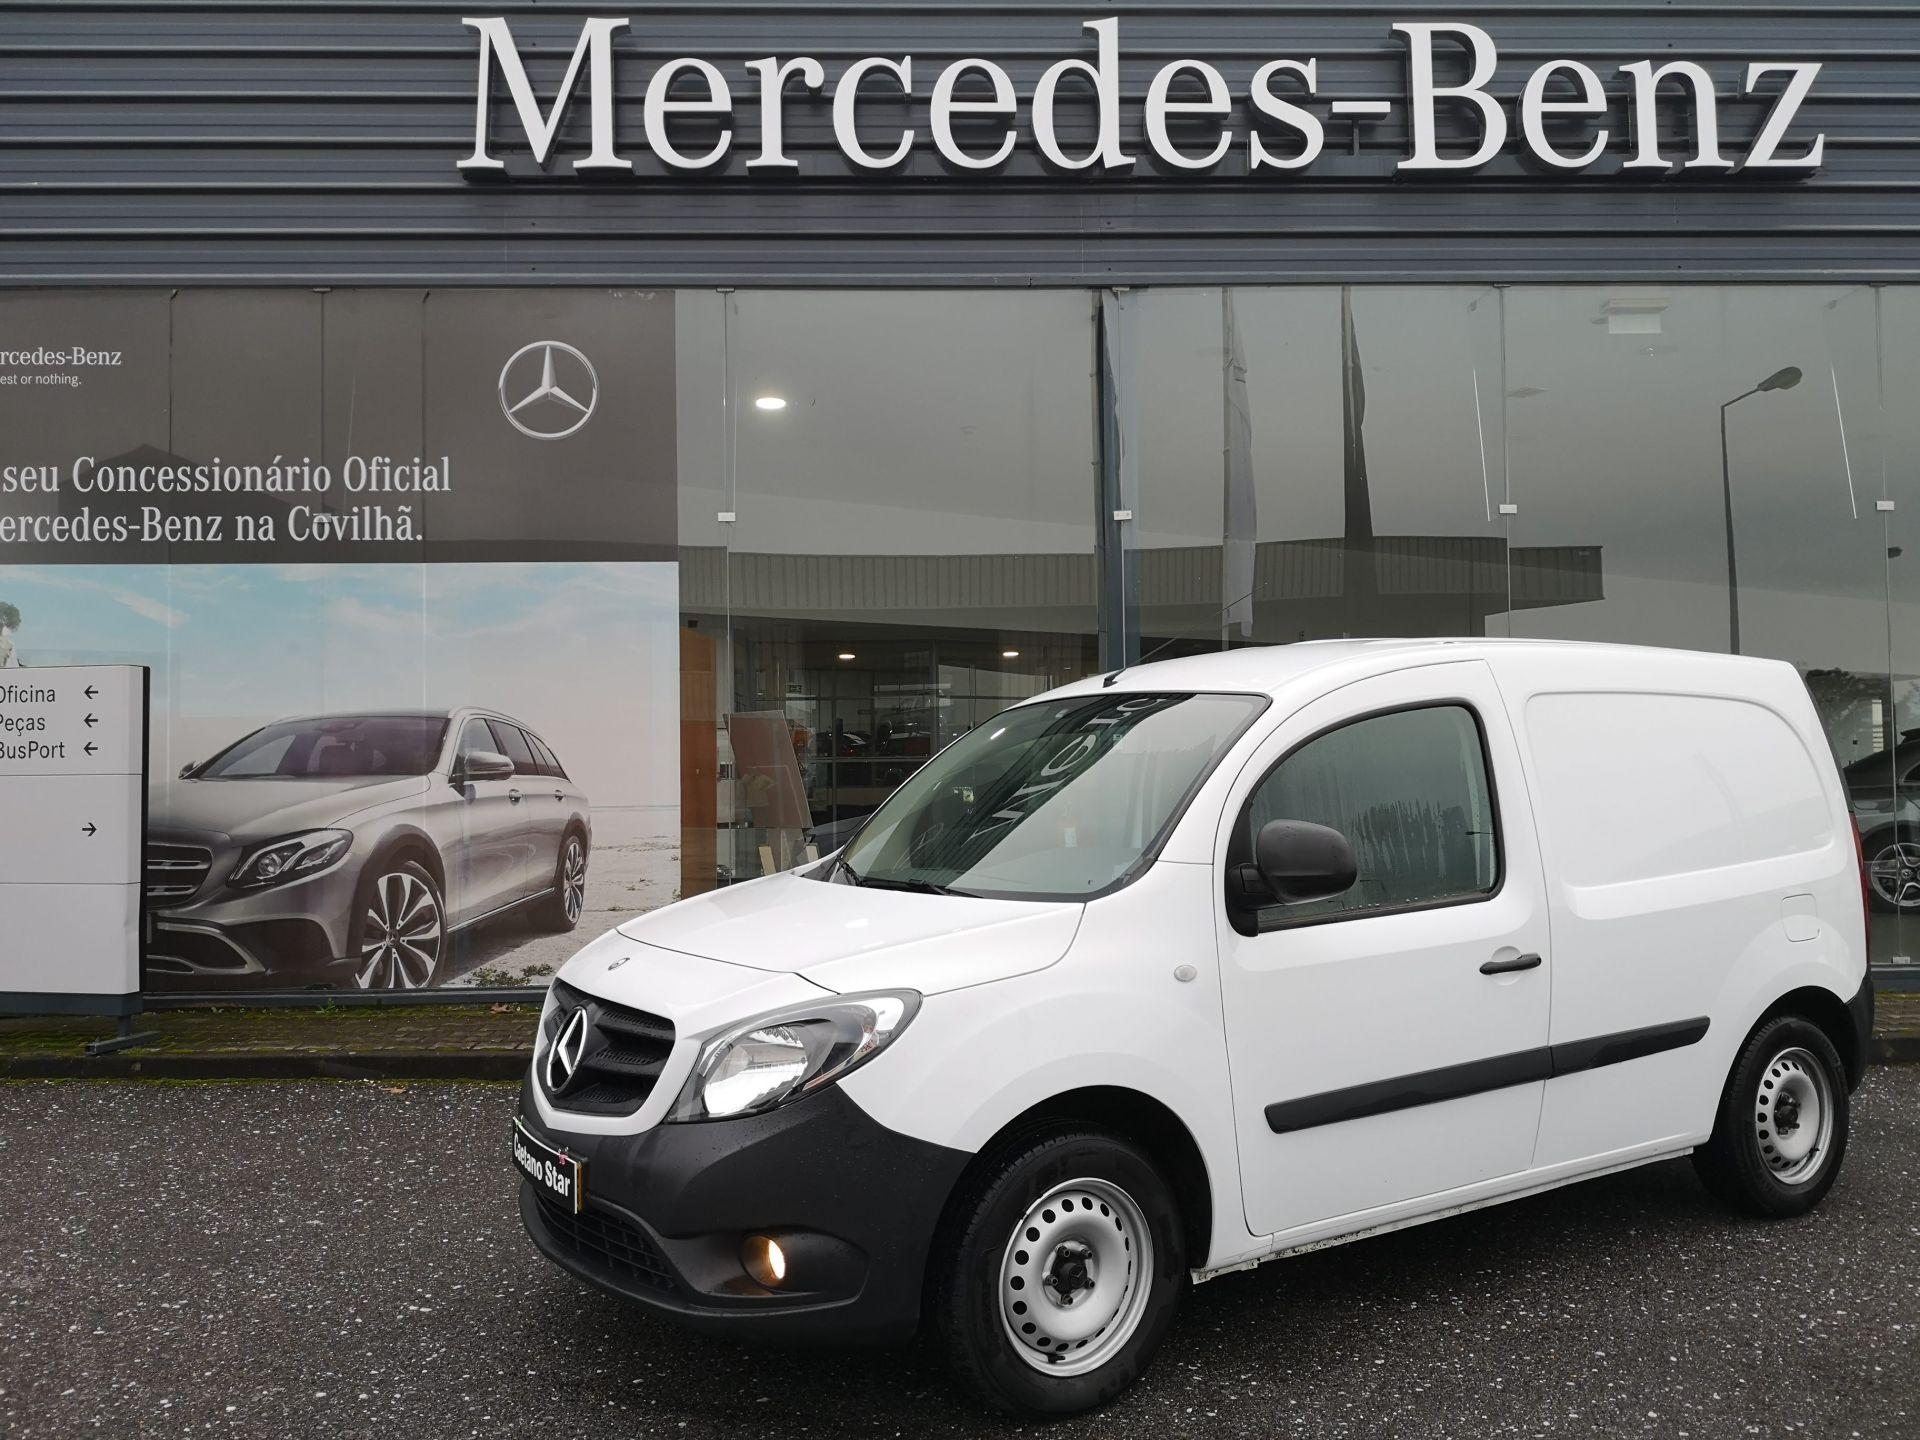 Mercedes Benz Citan  usada Porto